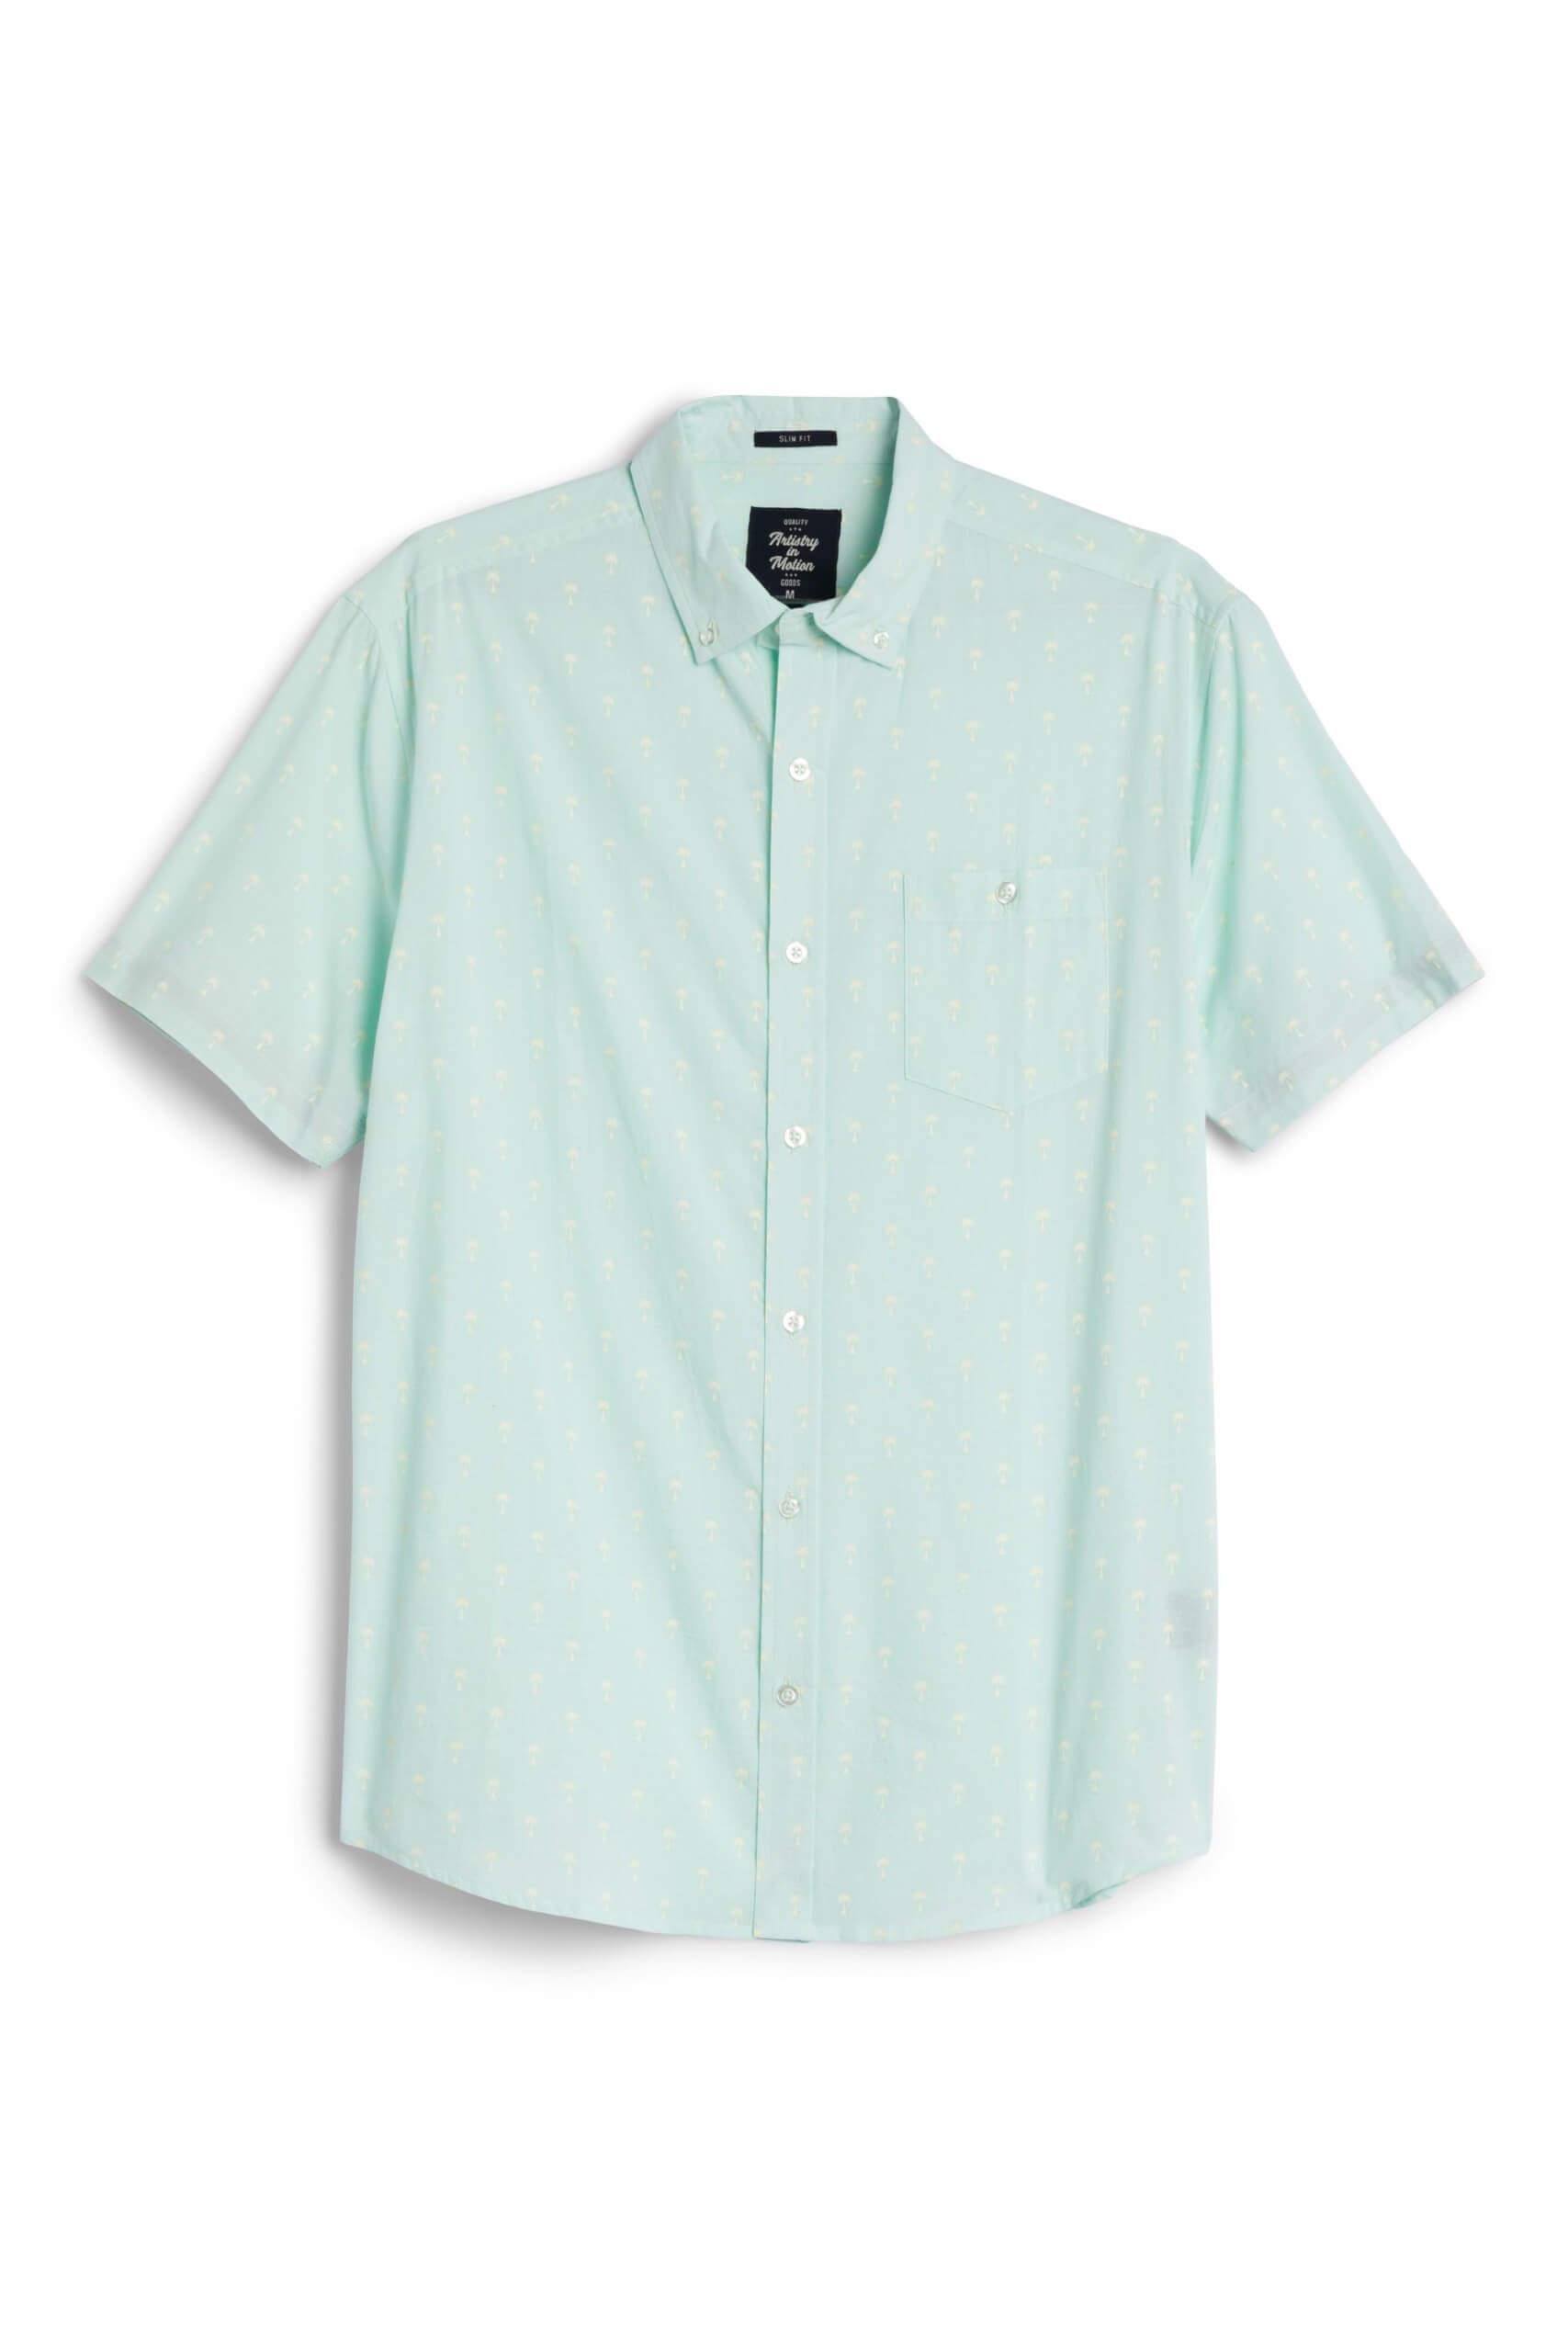 Stitch Fix Men's green short sleeve button-down shirt.